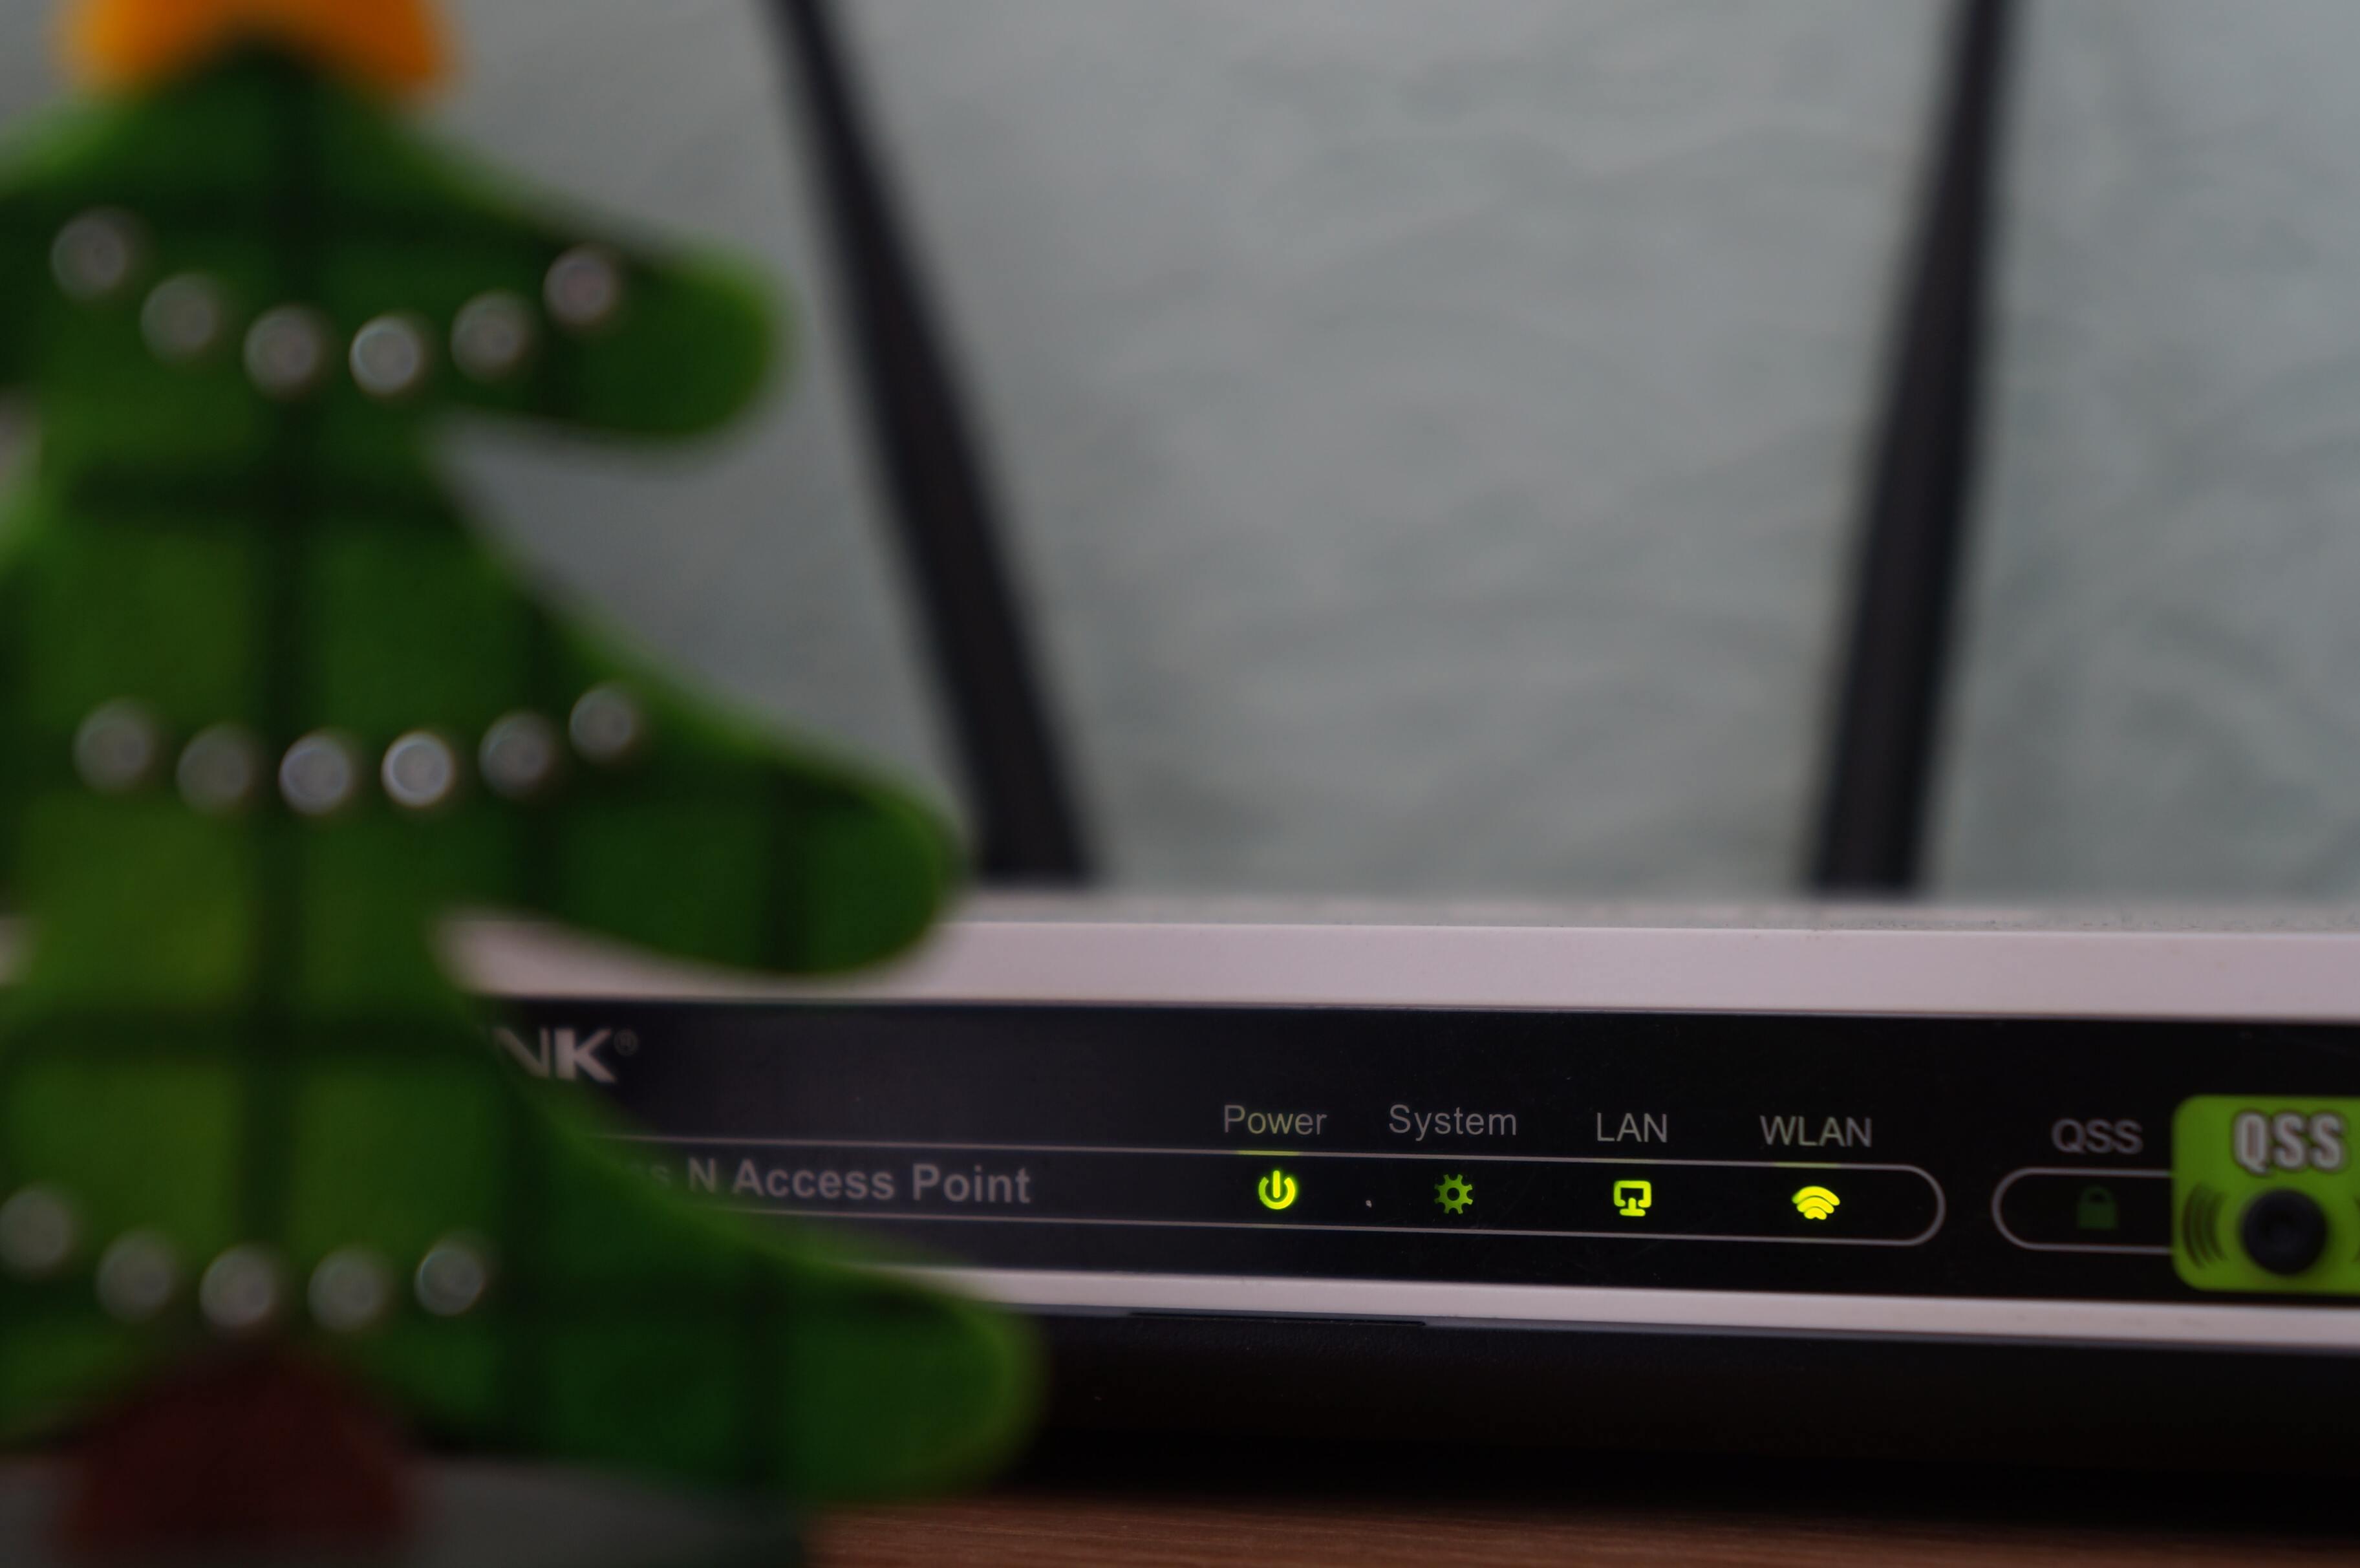 Пару обвинили в распространении детской порнографии из-за заводского пароля на маршрутизаторе